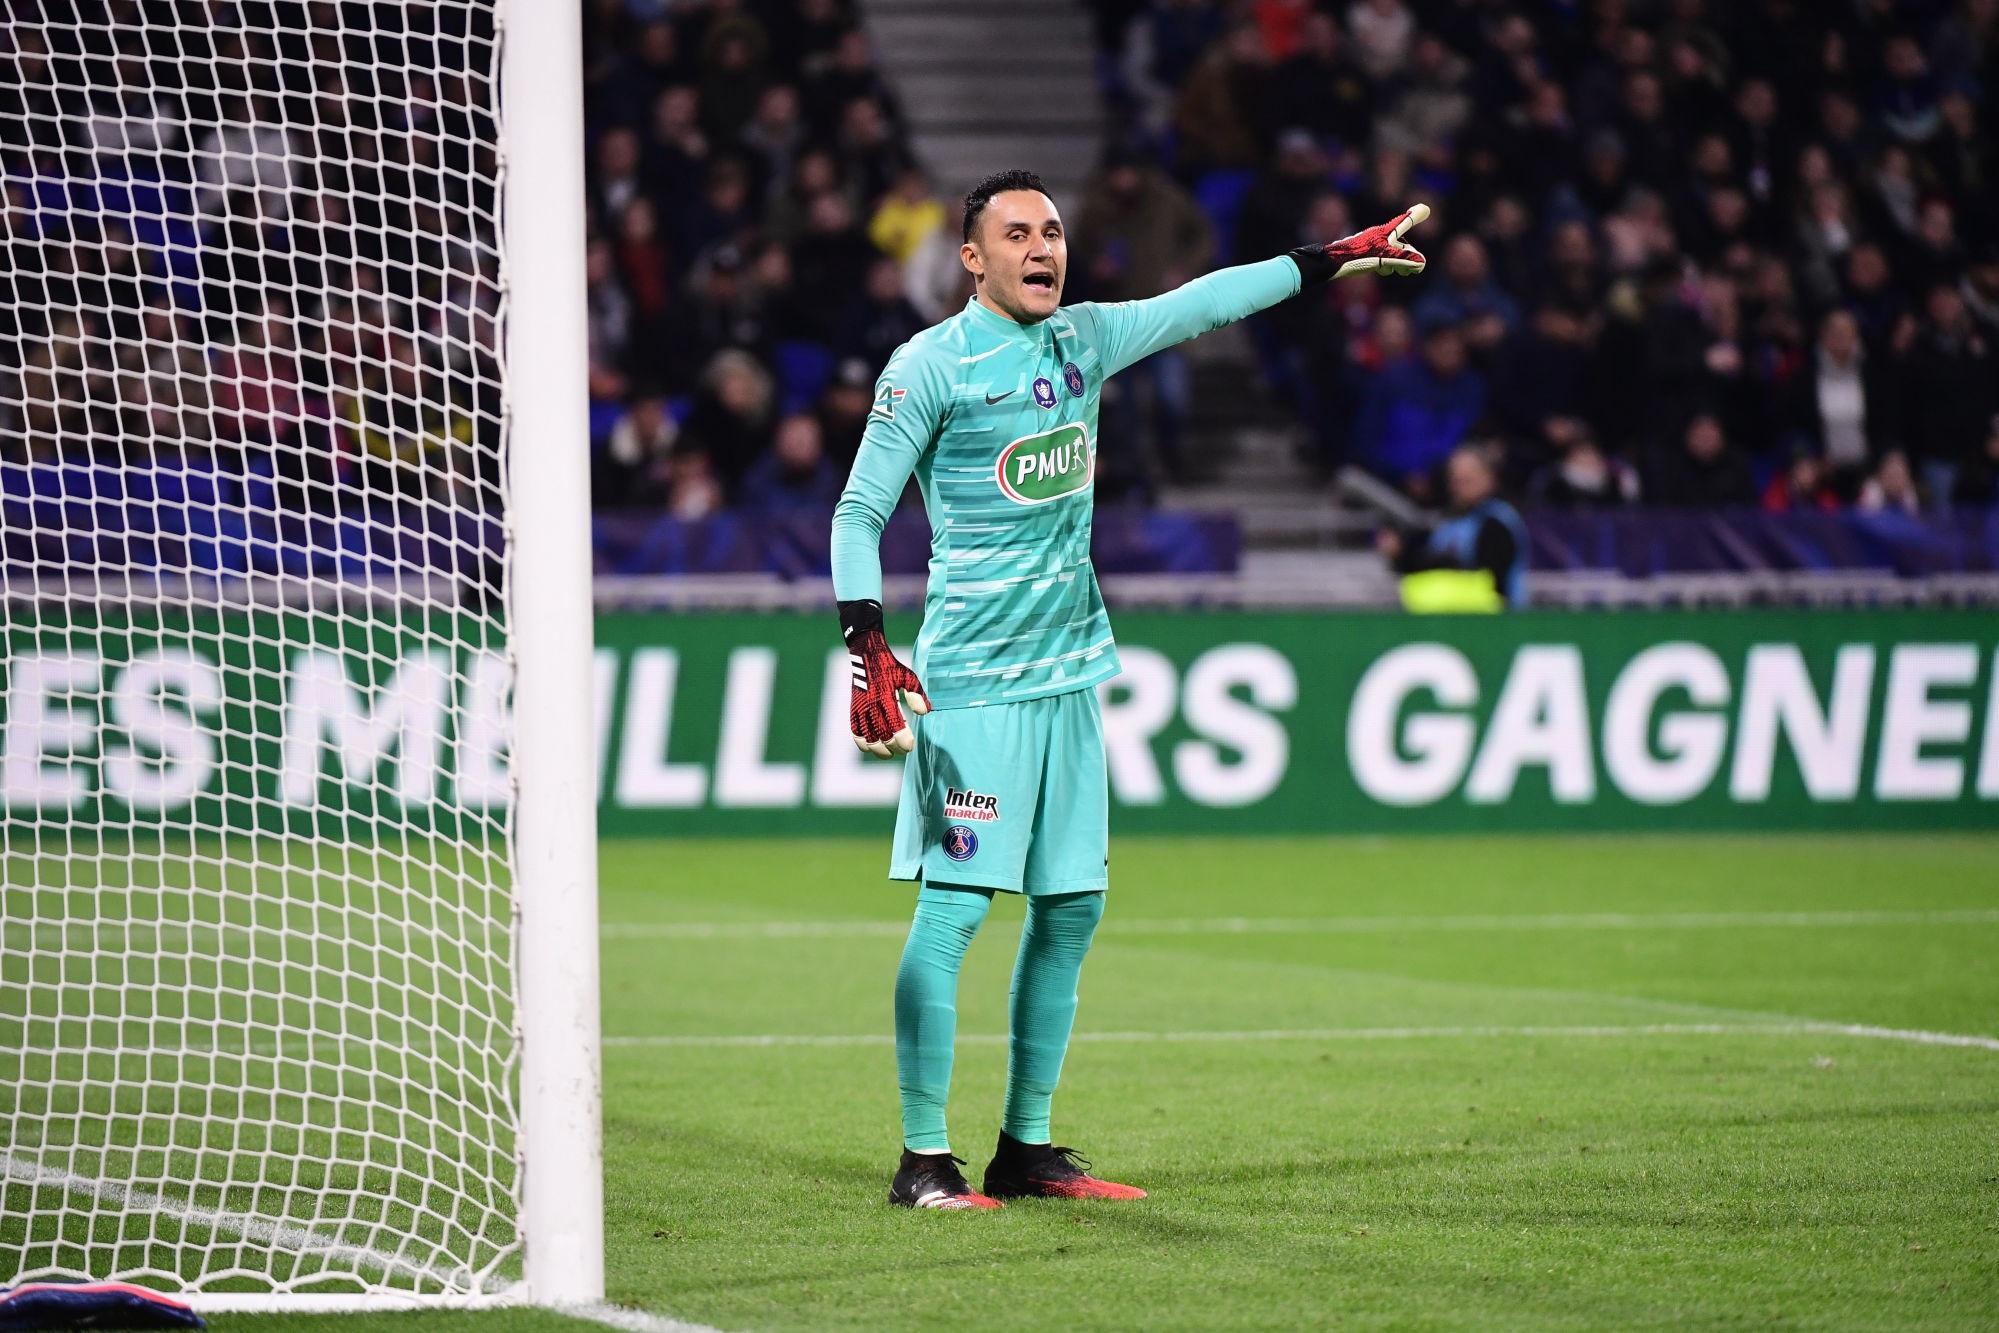 PSG/Metz - Verratti, Kehrer et Jesé absents de l'entraînement, Navas présent